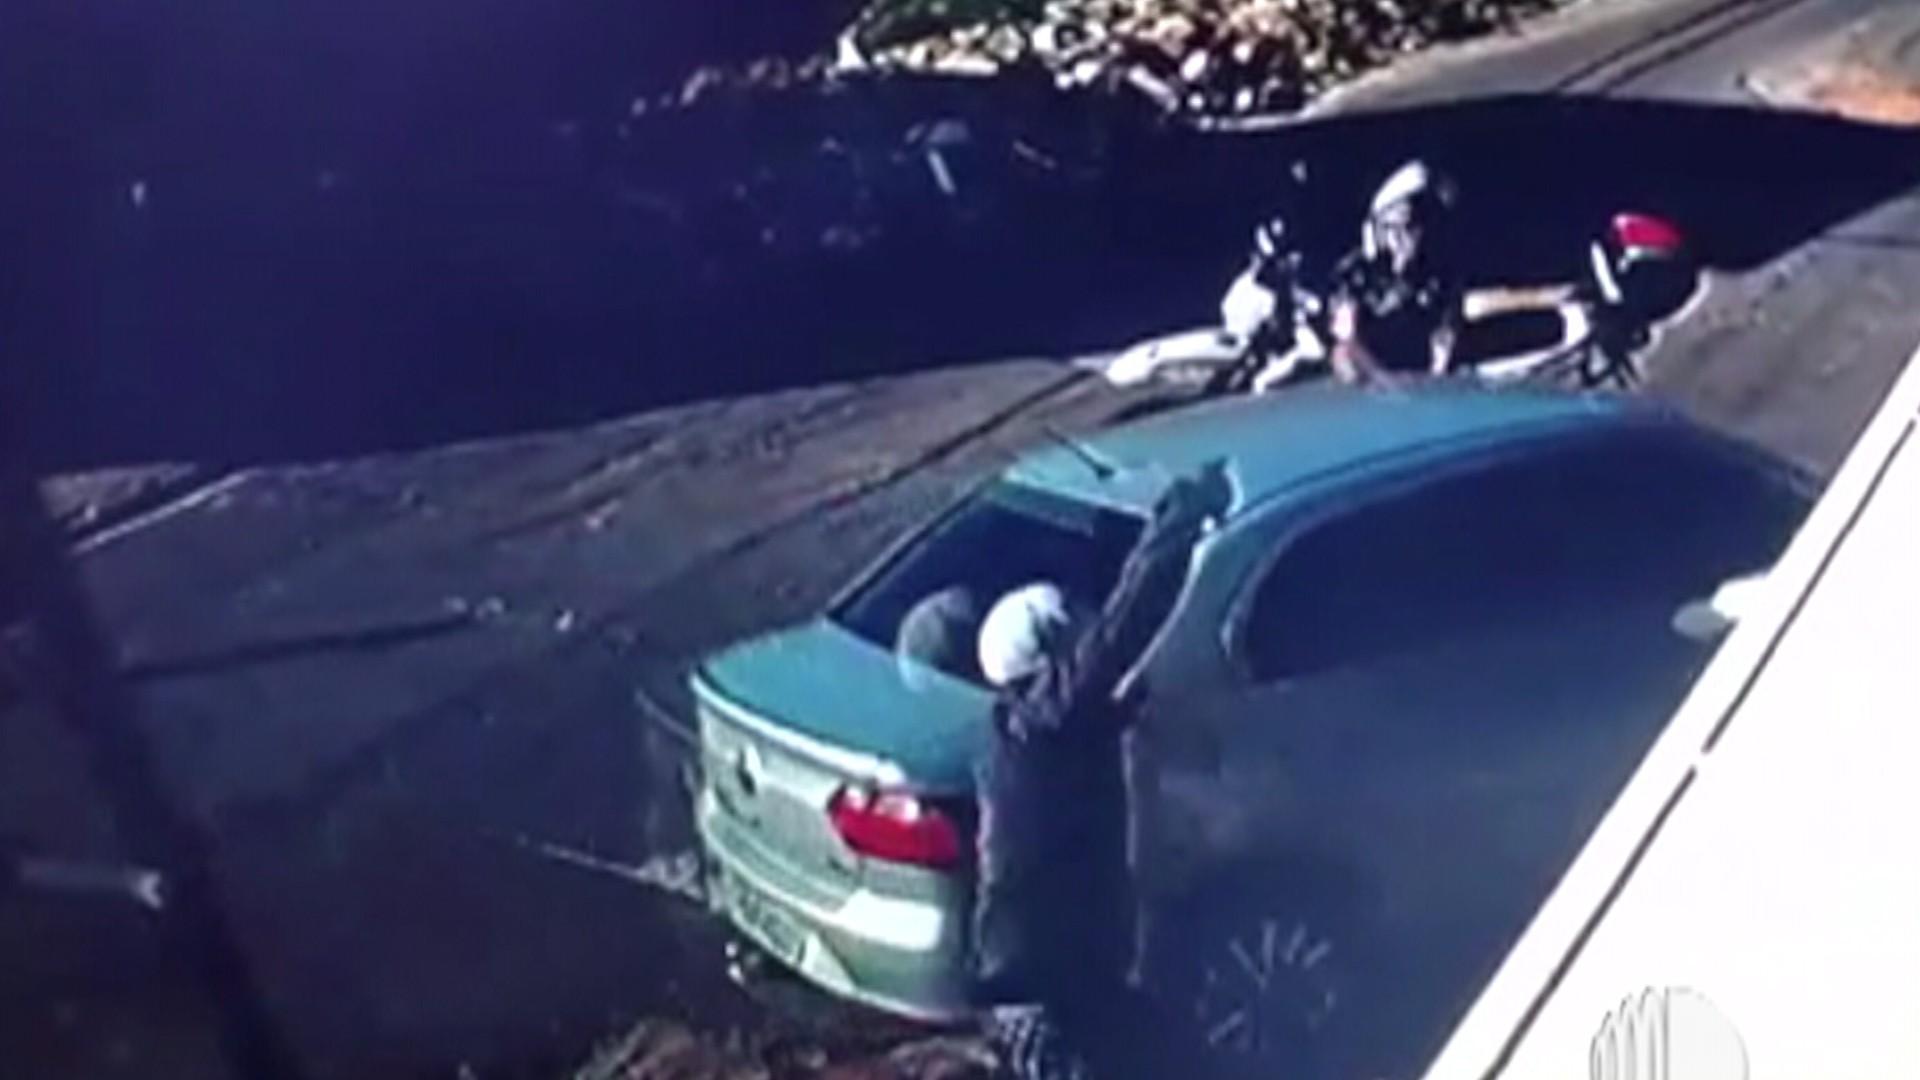 Policial militar é baleado e morre em Ferraz de Vasconcelos  - Notícias - Plantão Diário